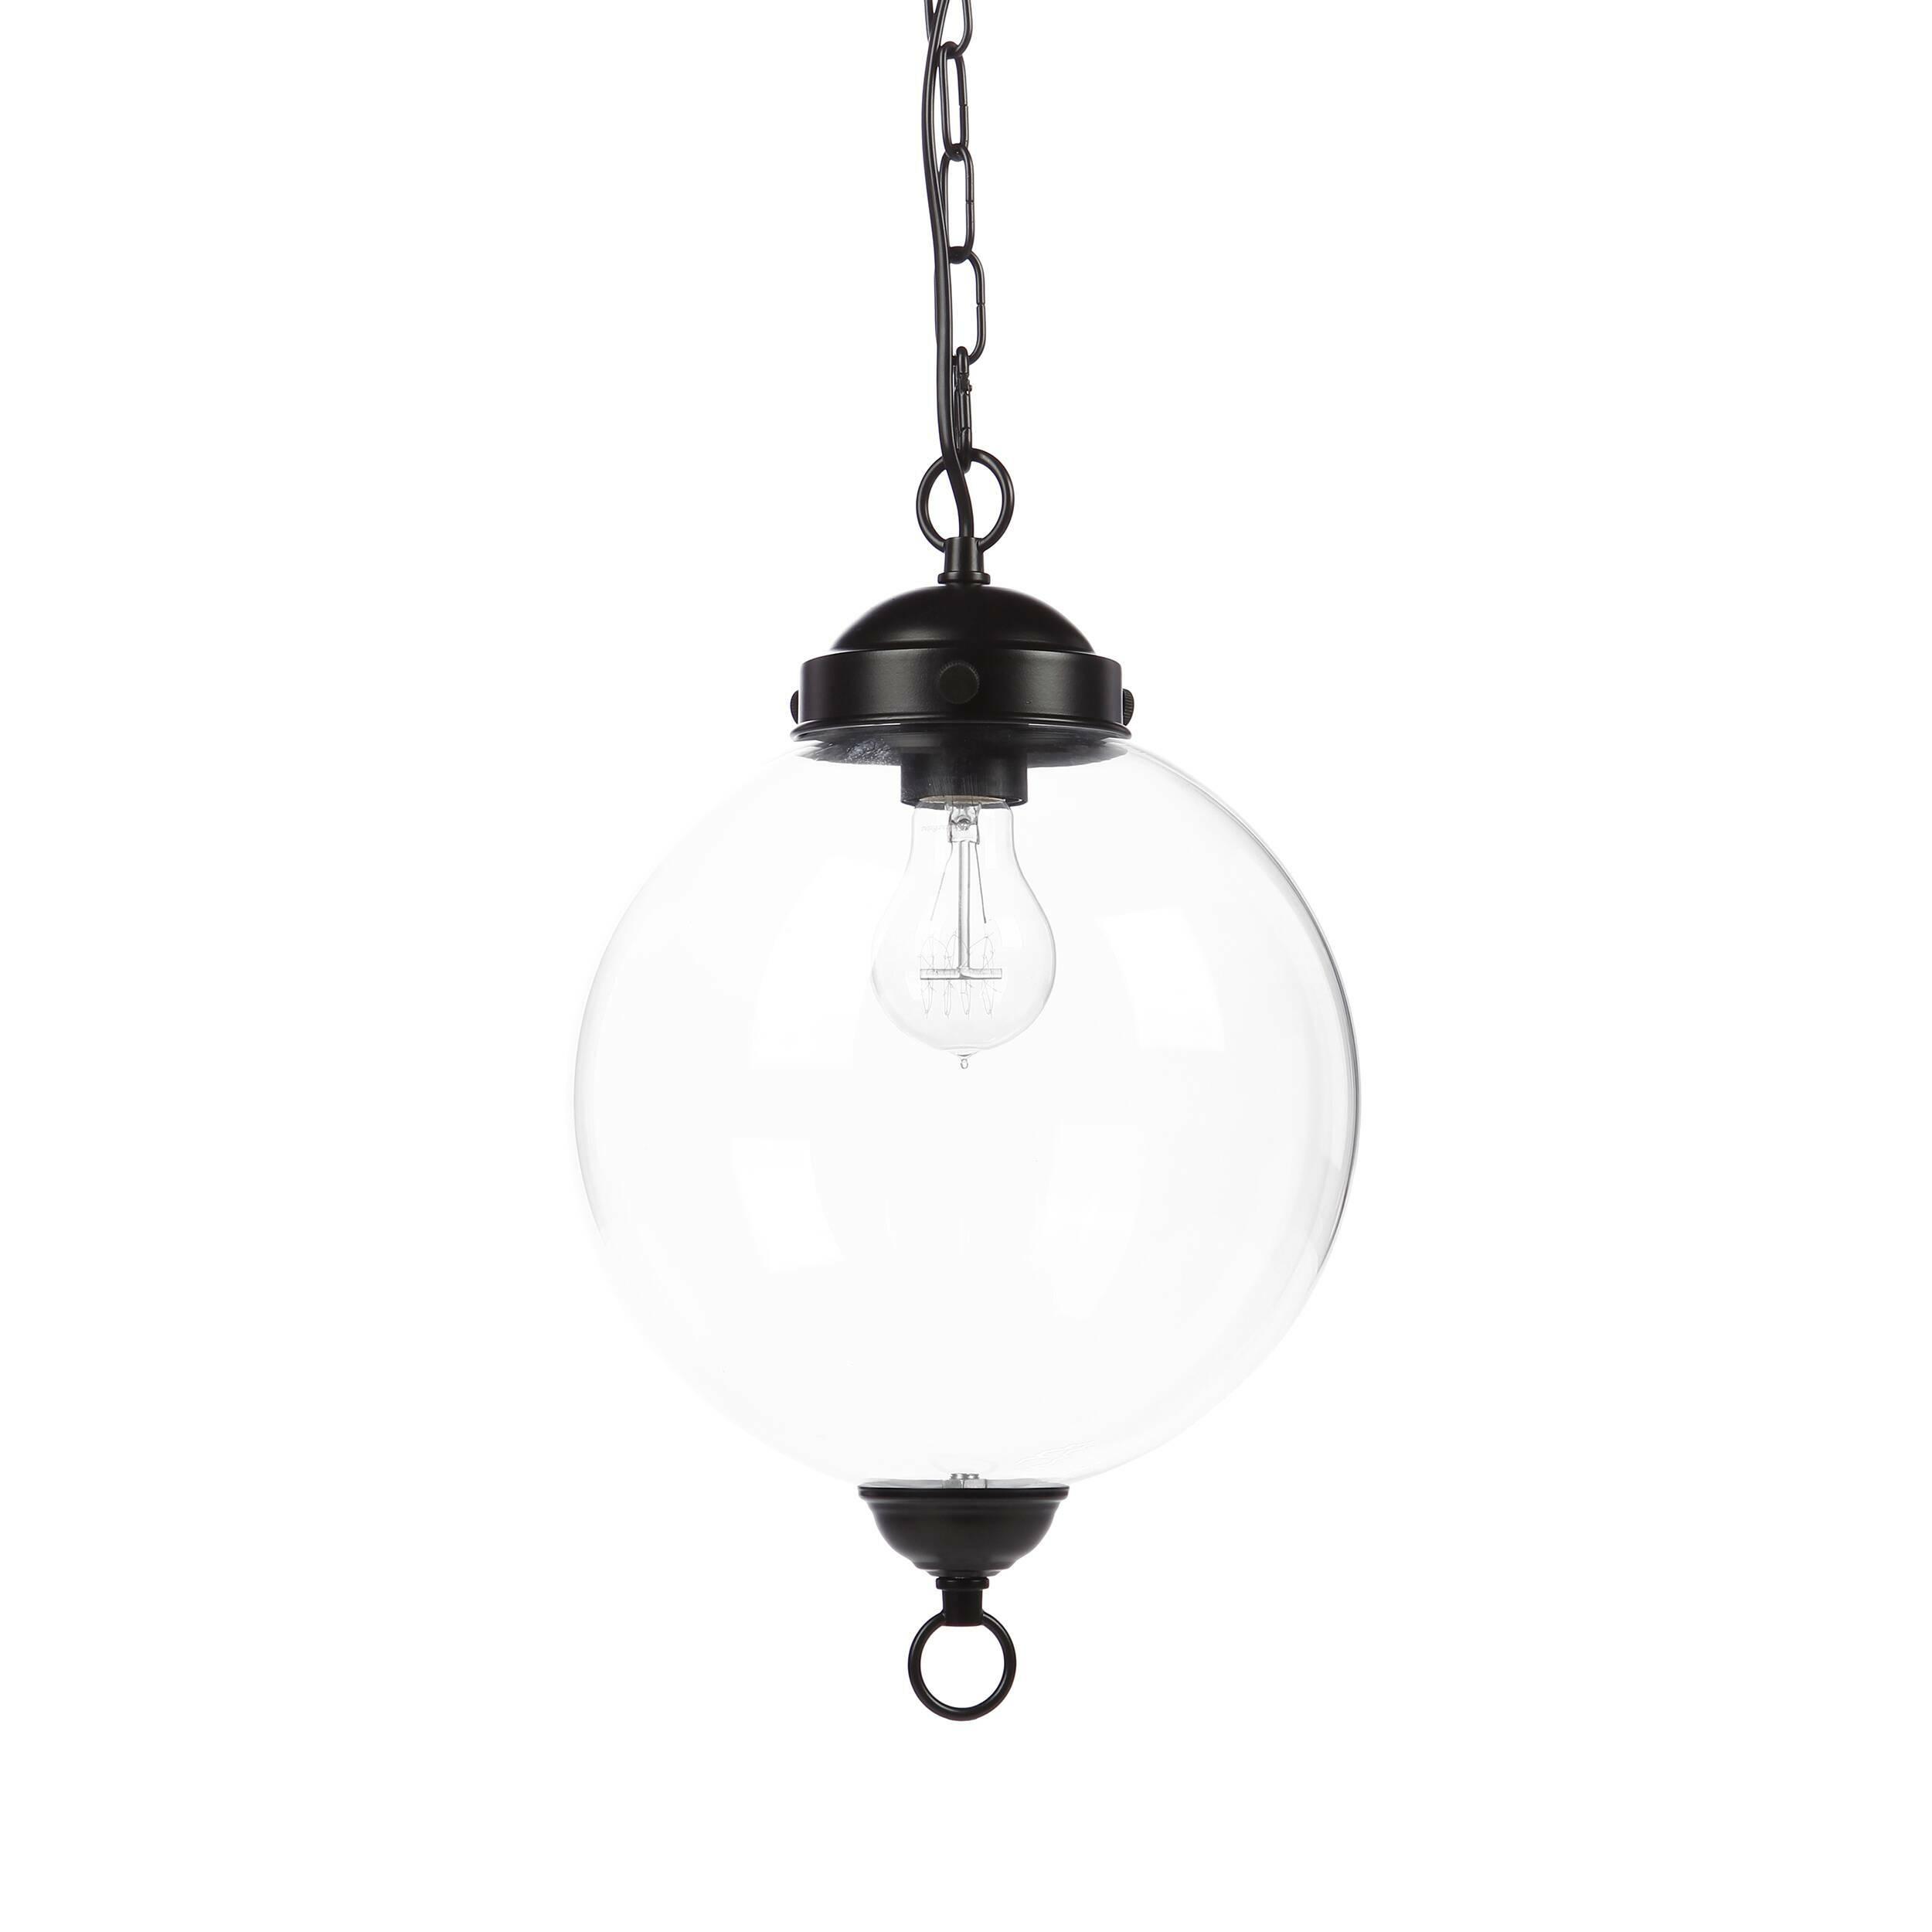 Подвесной светильник Schoolhouse PendantПодвесные<br>Подвесной светильник Schoolhouse Pendant цепляет своей прозрачностью и легкостью, необычайно стильным оформлением, которое весьма универсально и способно подойти практически к любому дизайну вашего помещения. Черный матовый цвет арматуры очень стильно и современно смотрится в сочетании с прозрачным стеклом плафона, что, безусловно, сделает любую комнату особенно привлекательной. Подвесной светильник Schoolhouse Pendant имеет цоколь для одной лампочки.<br><br><br> Данный светильник будет гармони...<br><br>stock: 0<br>Высота: 160<br>Диаметр: 25<br>Количество ламп: 1<br>Материал абажура: Стекло<br>Материал арматуры: Металл<br>Мощность лампы: 60<br>Ламп в комплекте: Нет<br>Тип лампы/цоколь: E27<br>Цвет абажура: Прозрачный<br>Цвет арматуры: Черный матовый<br>Цвет провода: Черный